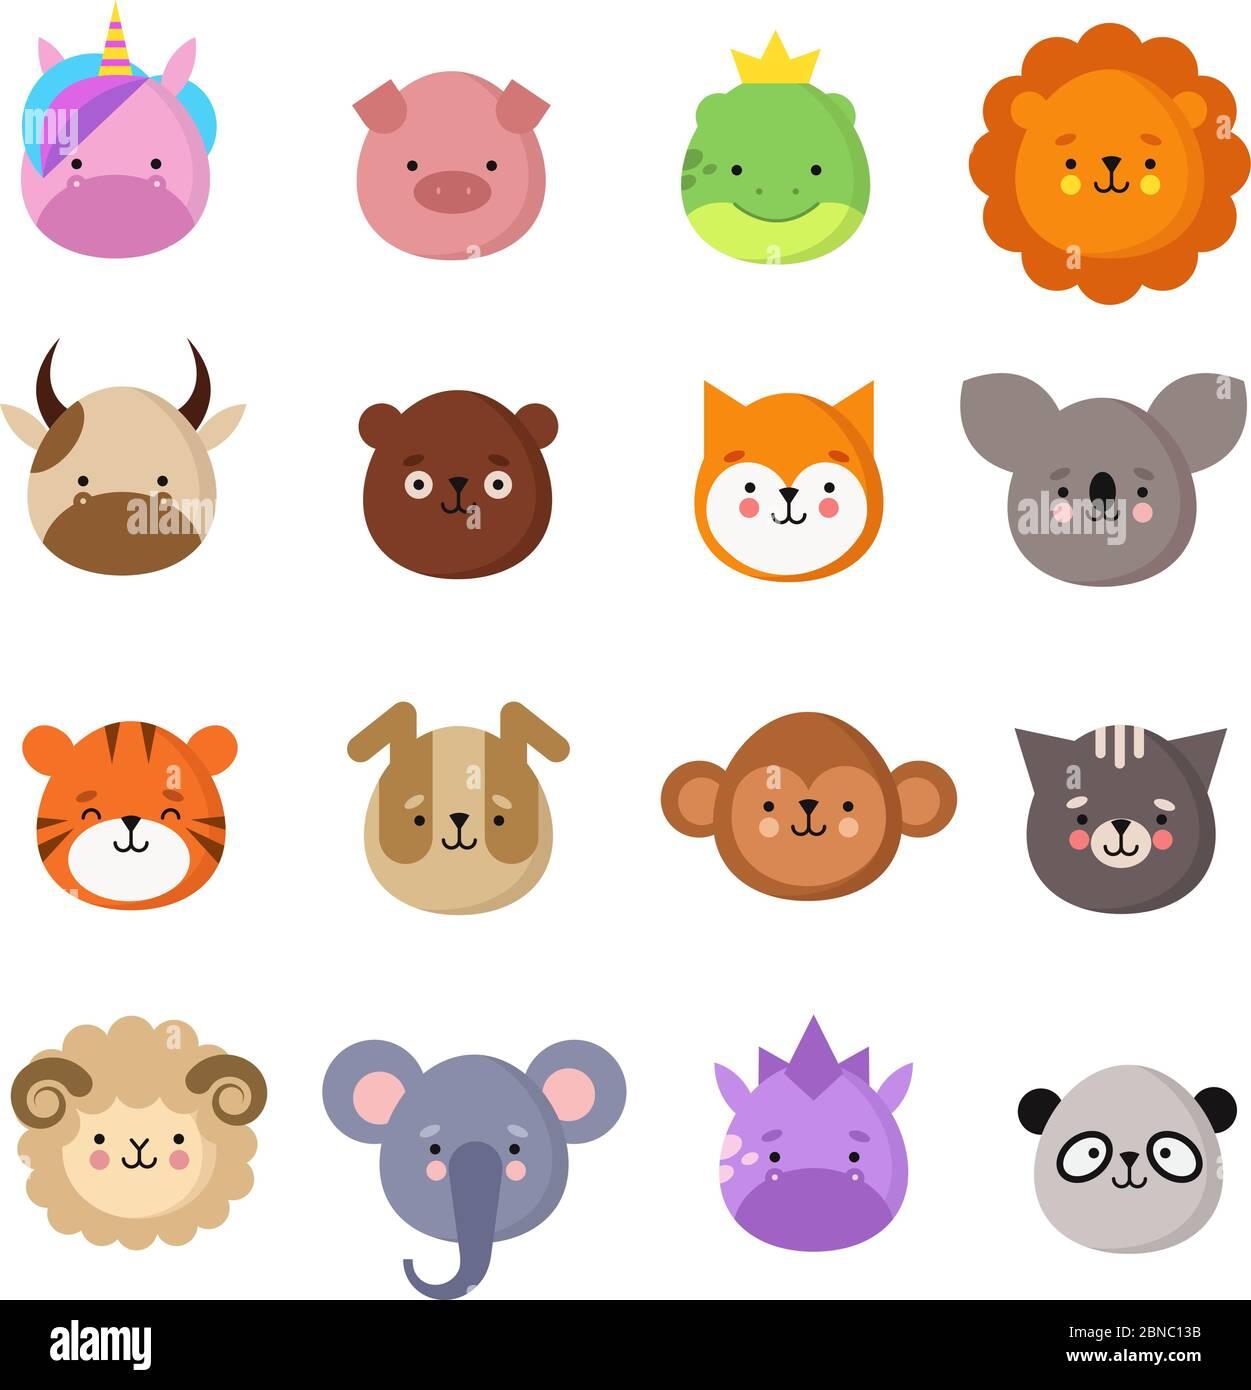 Visages animaux mignons. Chien et chat, vache et renard, licorne et panda. Animal gamin emoji. Collection de vecteurs du zoo de kawaii, comprenant des ovins et des singes, des chats et des tigres, des koala et des ours Illustration de Vecteur